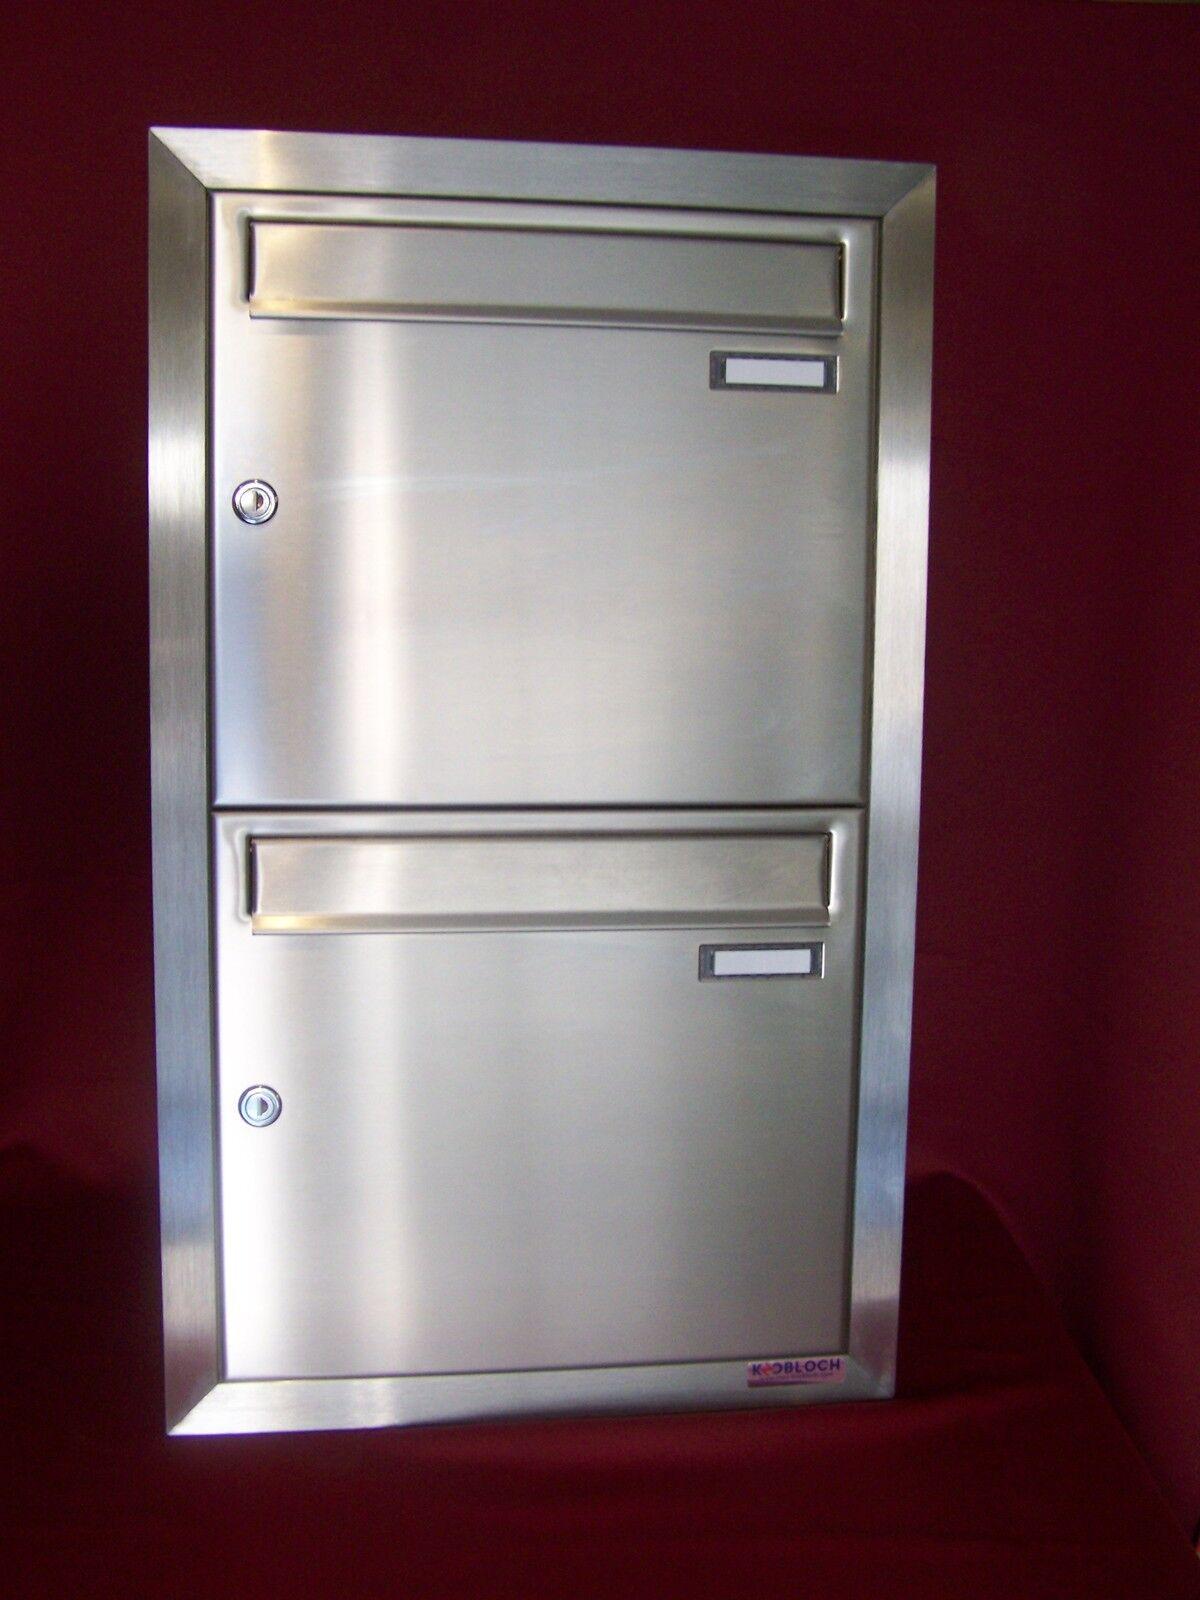 Doppel Briefkasten Unterputz Edelstahl 2 teilig übereinander Postkasten UPH16